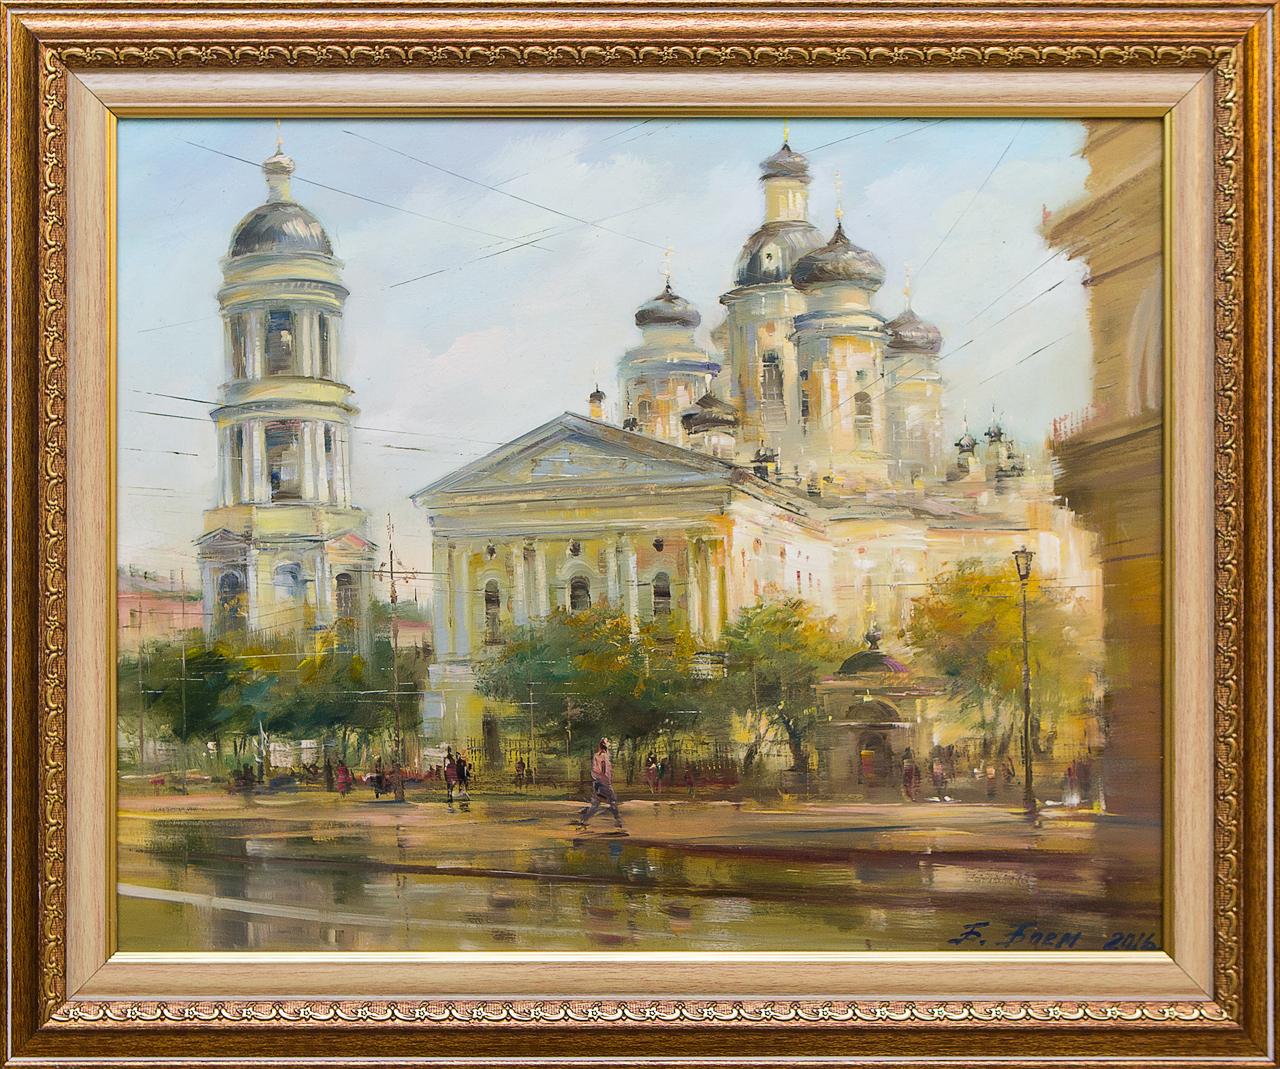 Картина маслом Владимирский собор Боем картина маслом владимирский собор боем